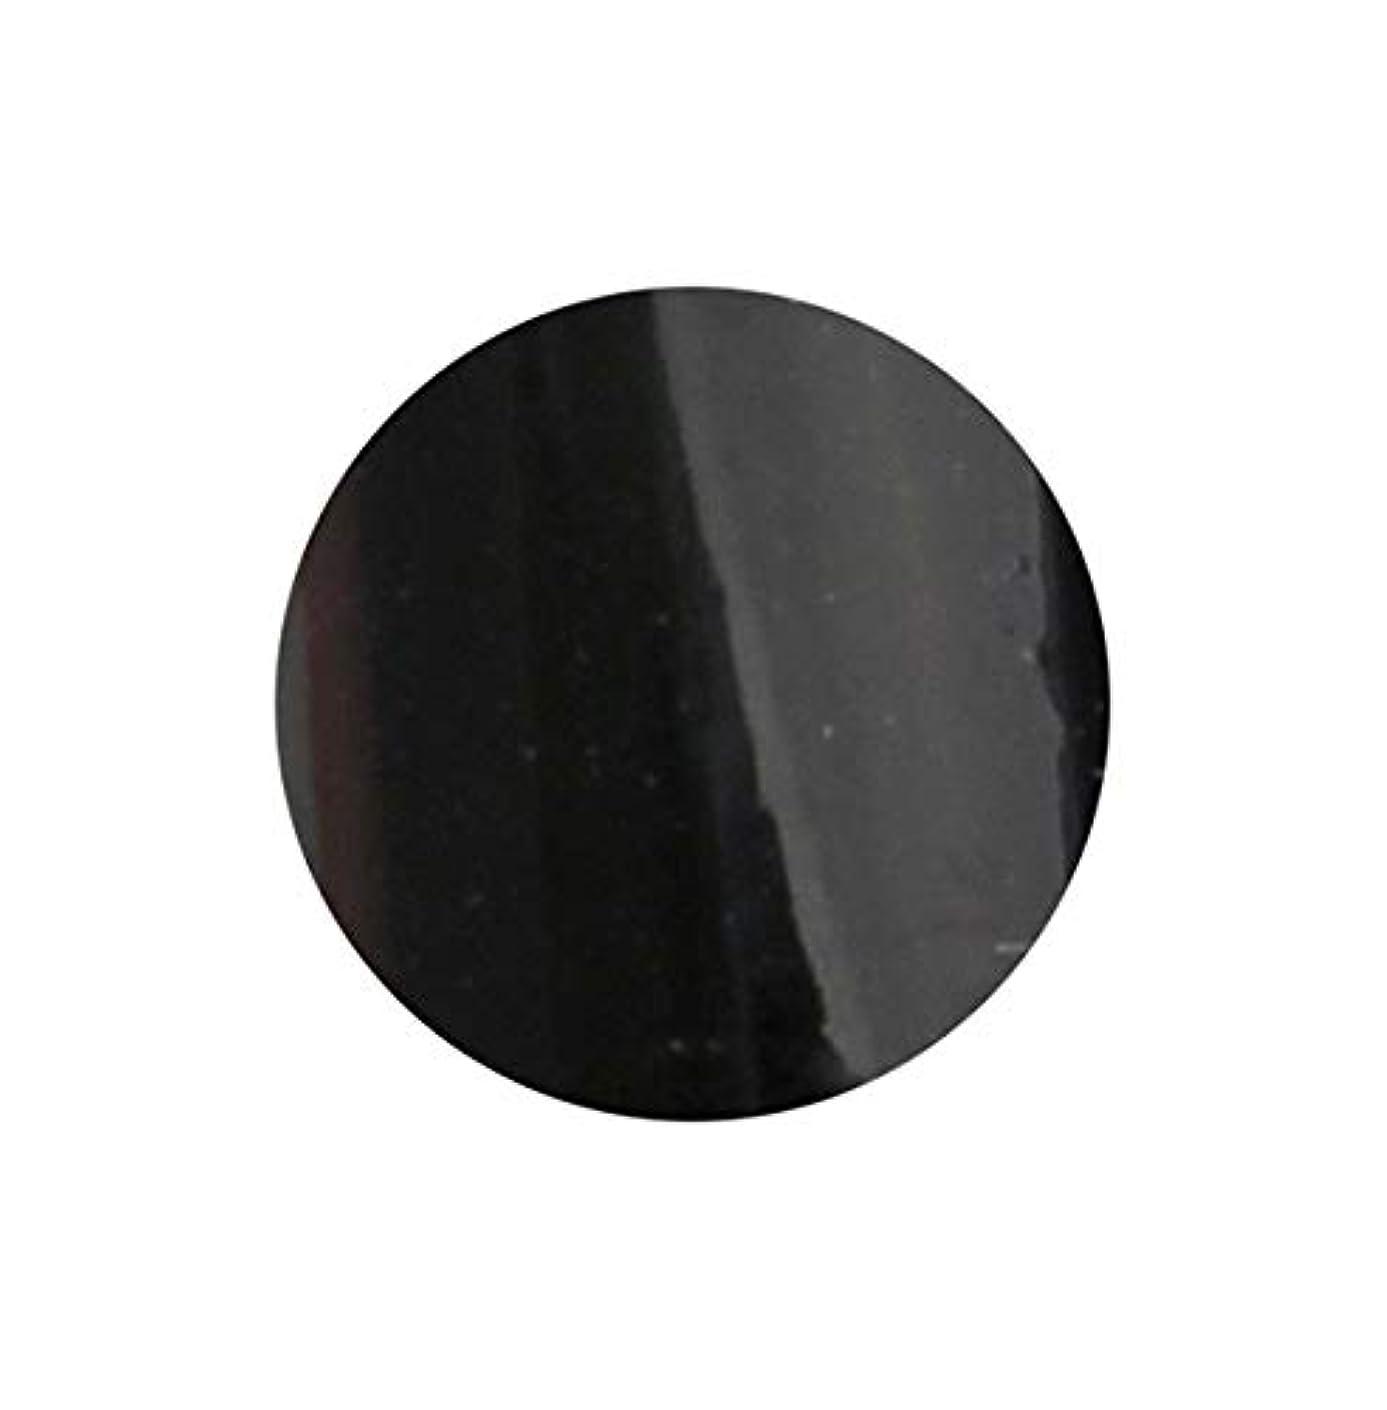 ふつうびっくりする承認SHAREYDVA シャレドワ+ ネイルカラー No.33 ブラック